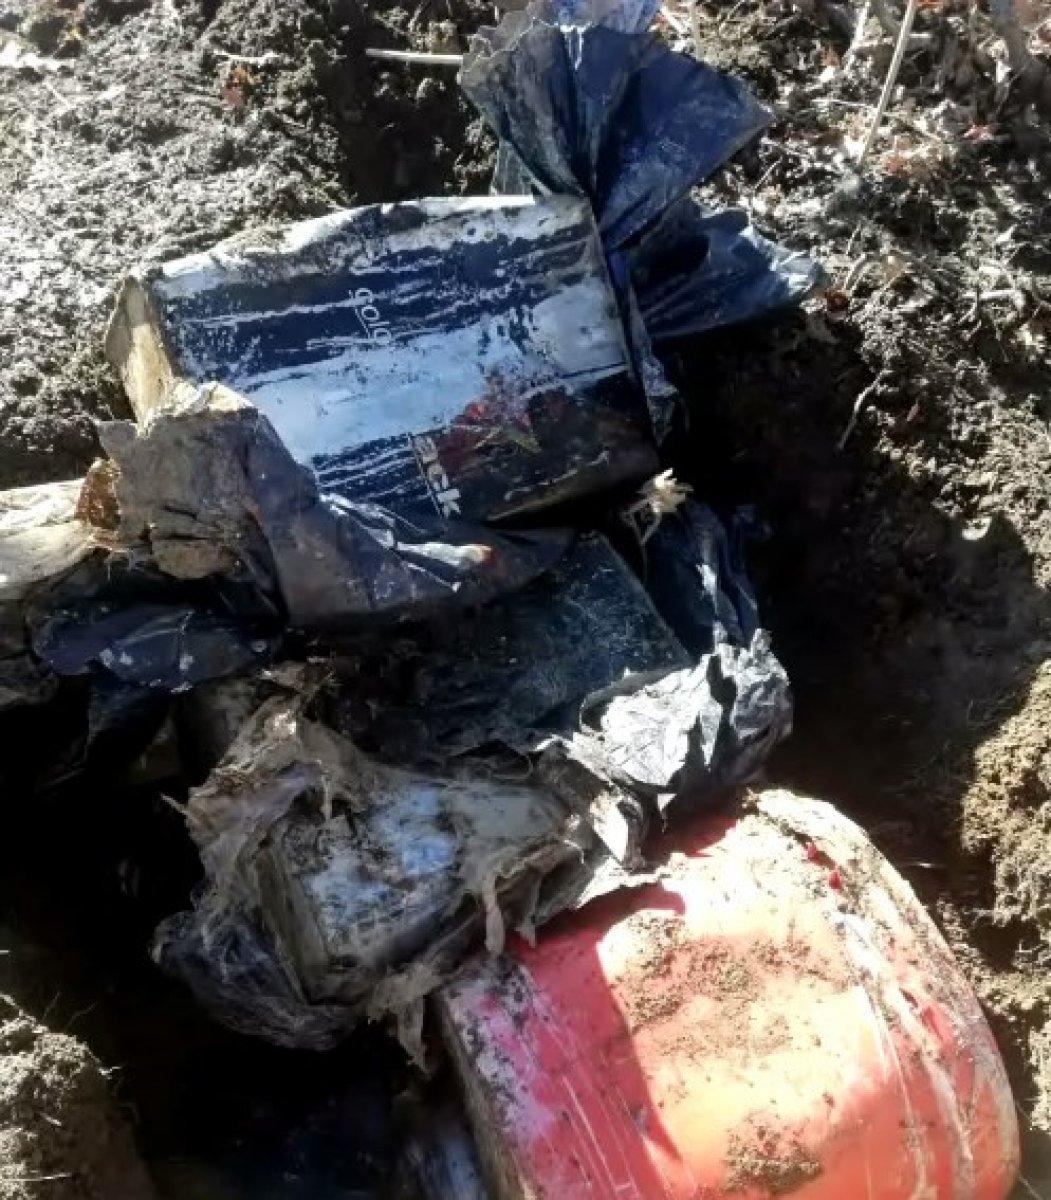 Bingöl de toprağa gömülü 60 kilogram patlayıcı bulundu #1